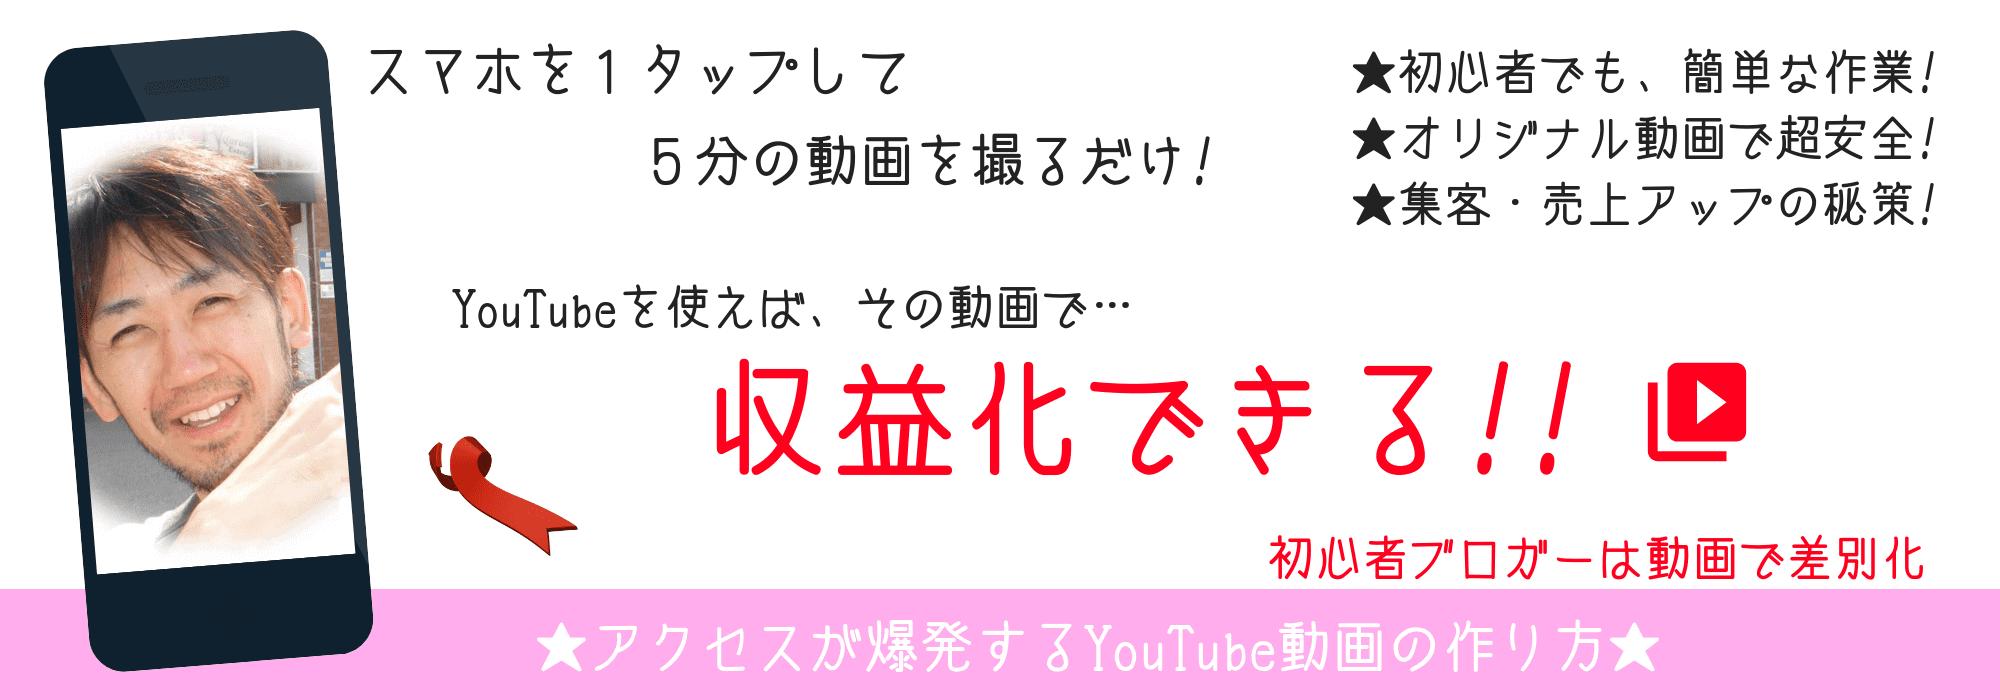 ビジネス動画YouTube活用研究所